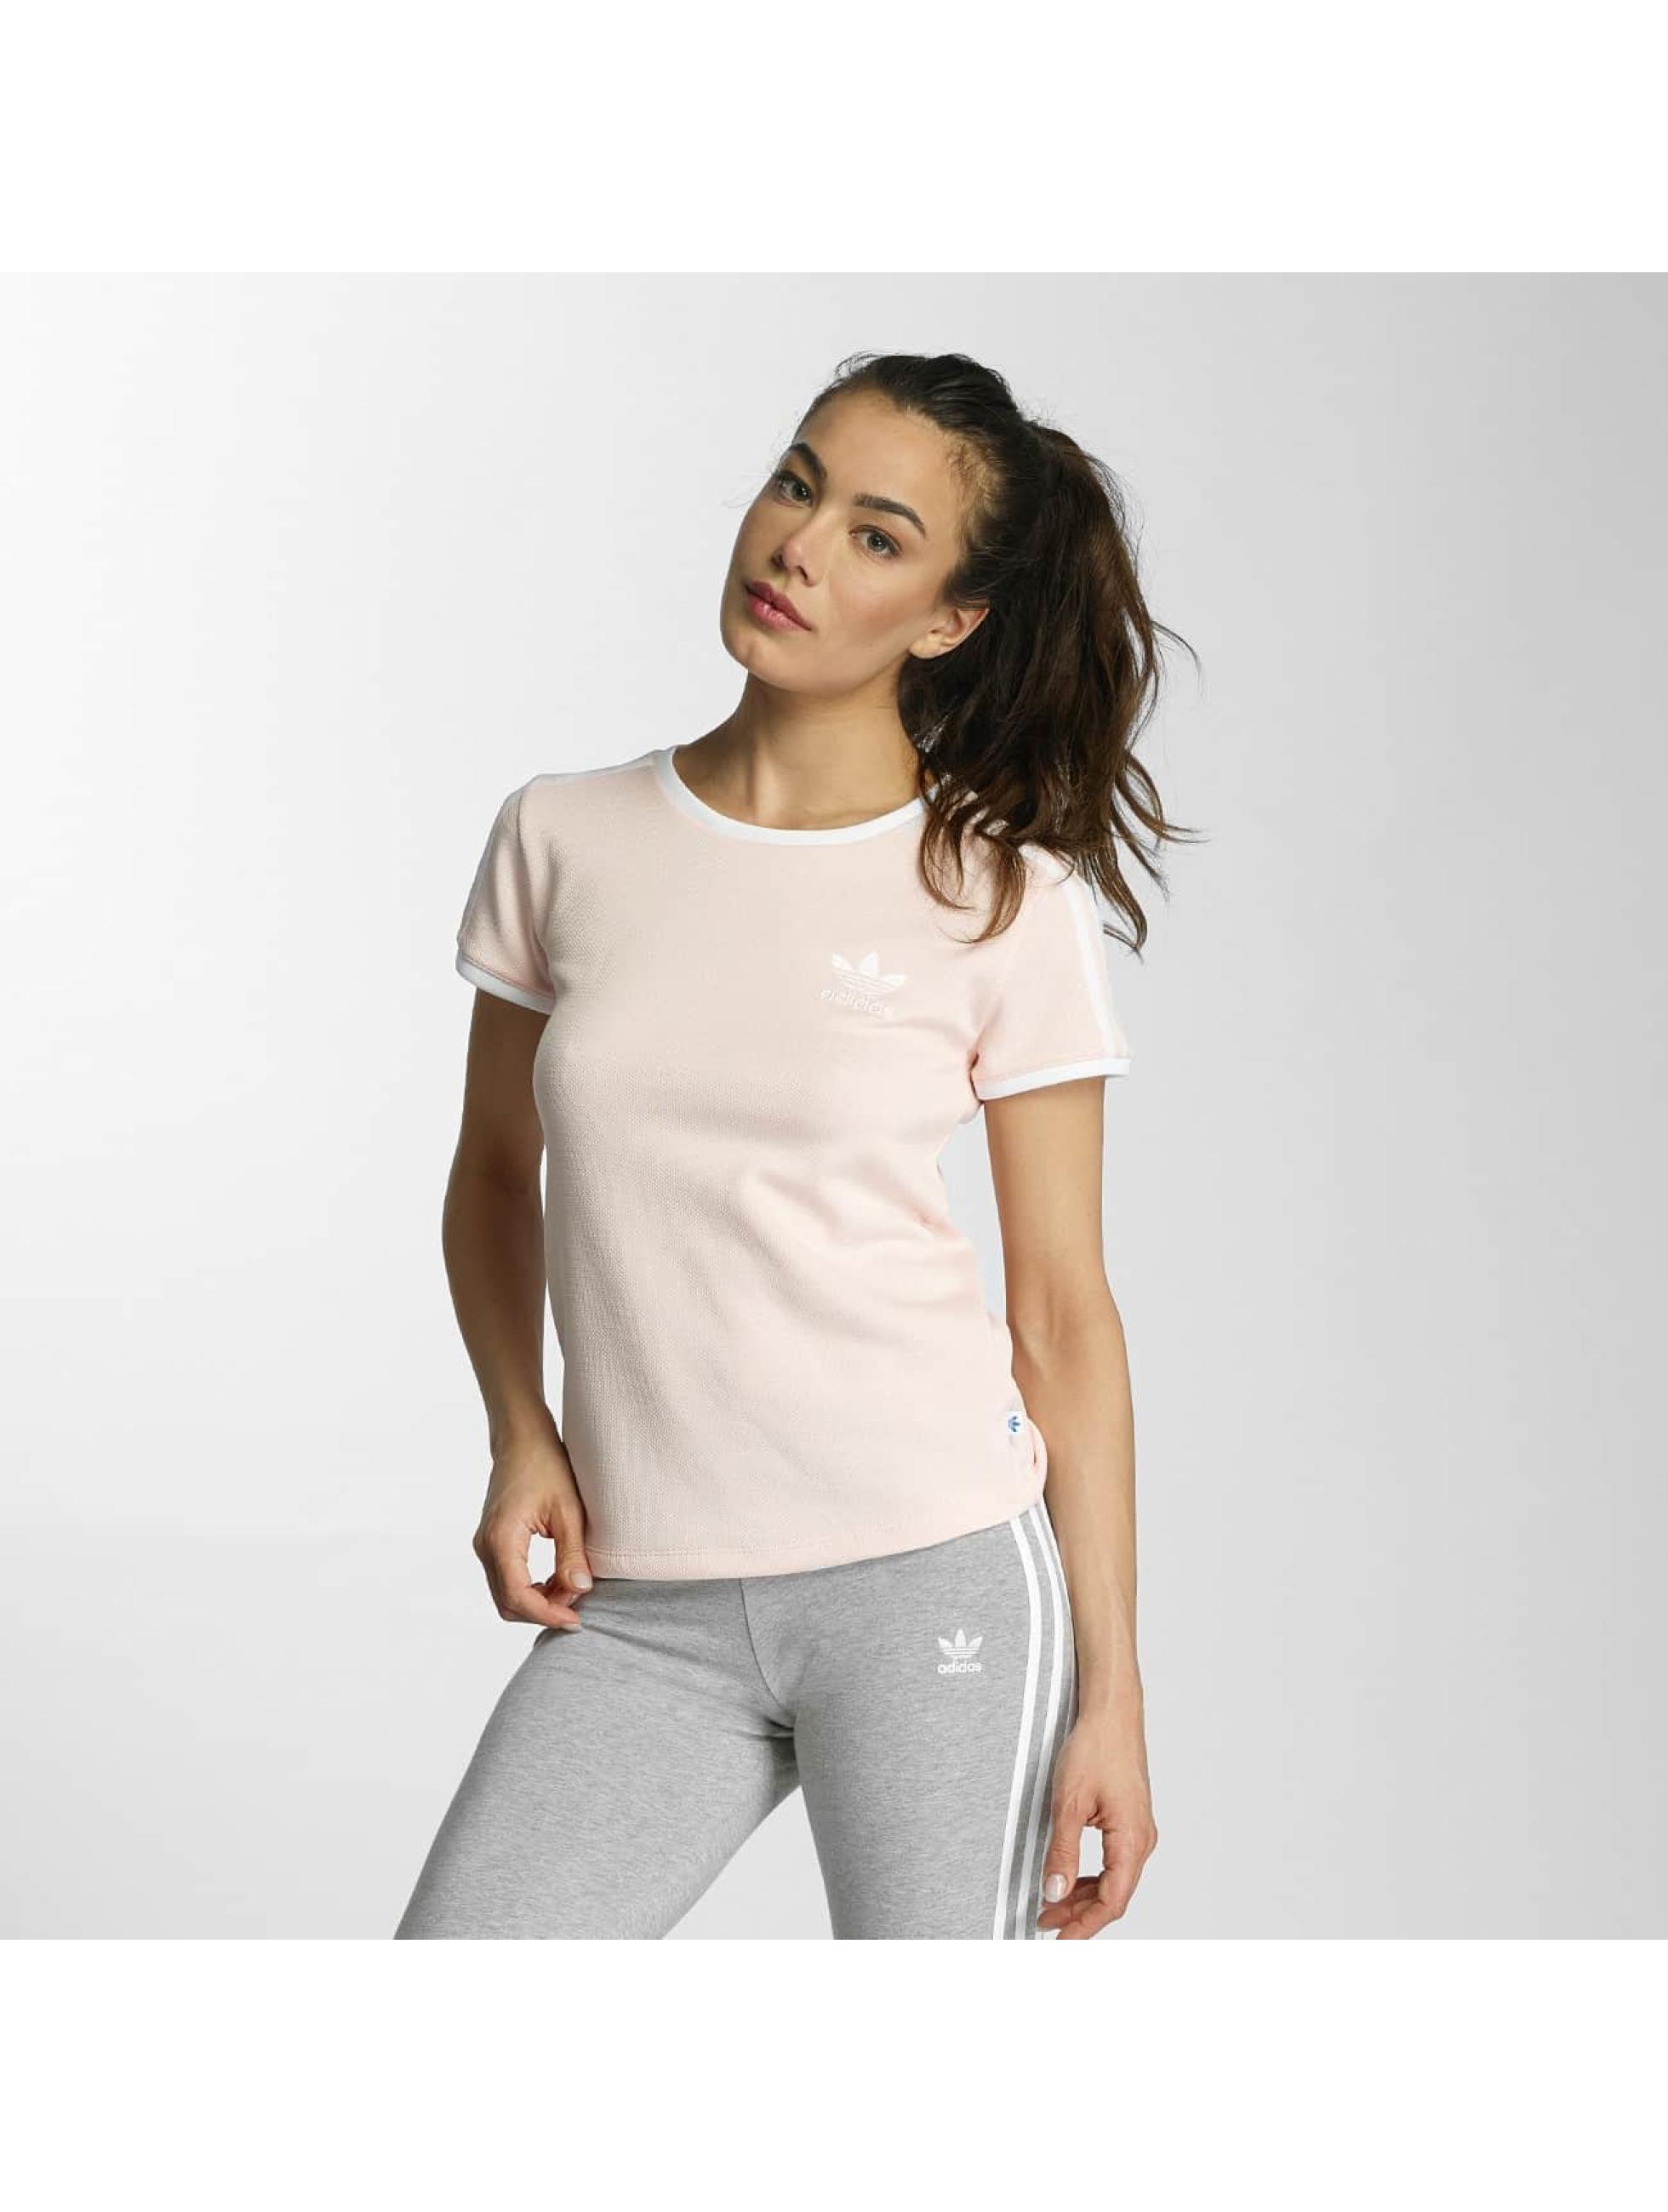 adidas T-Shirt Sandra 1977 rose